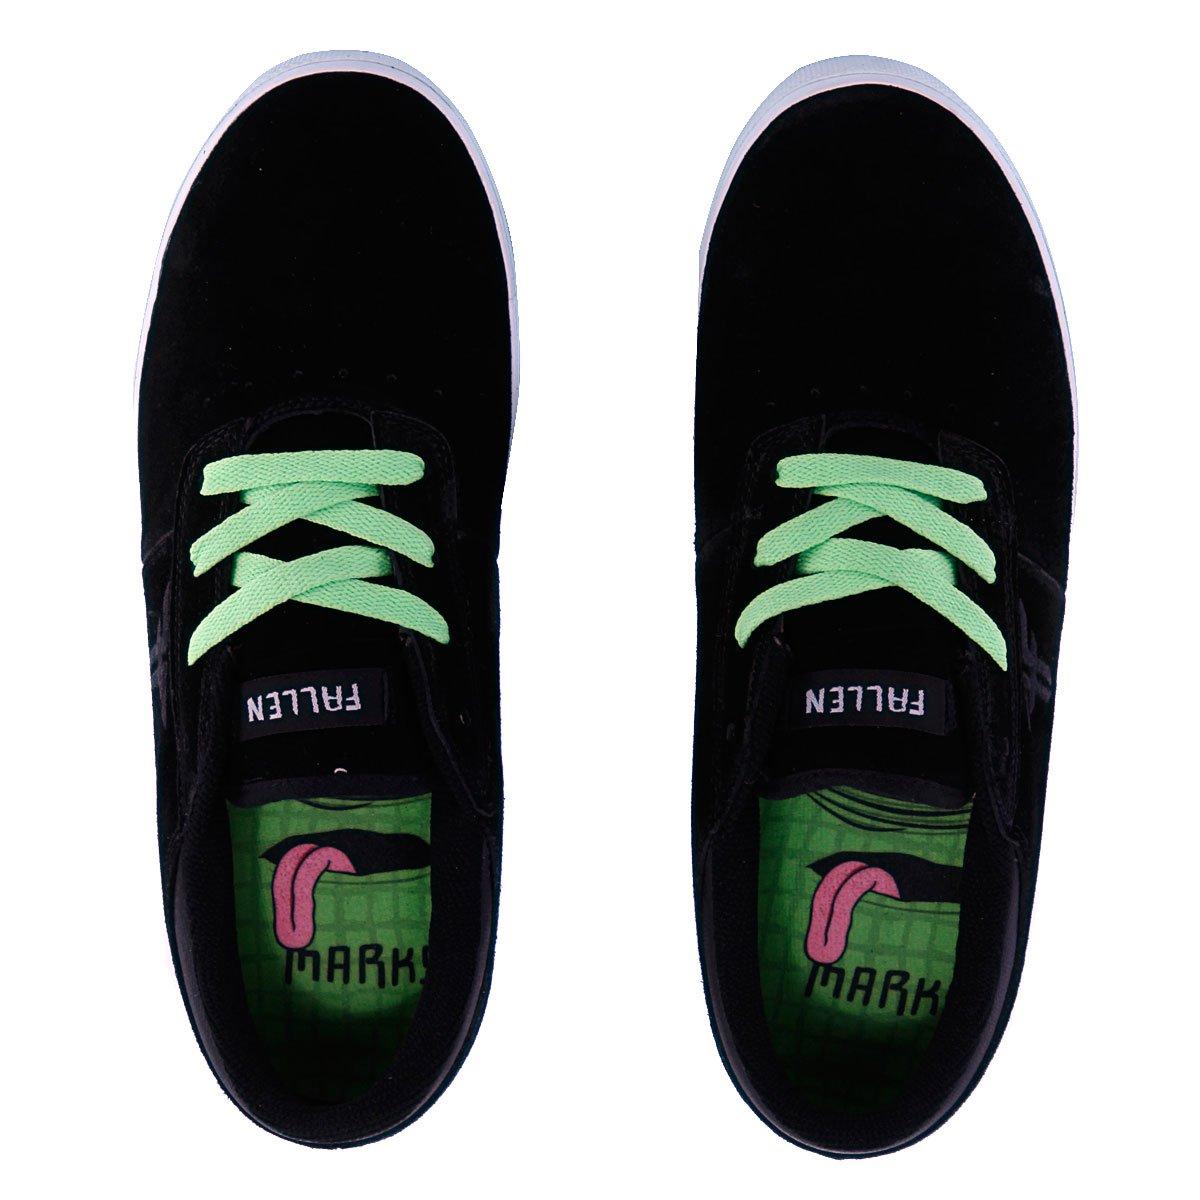 2d1f256a Купить кеды Fallen Vice Black/Black (1400512shoes44) в интернет ...